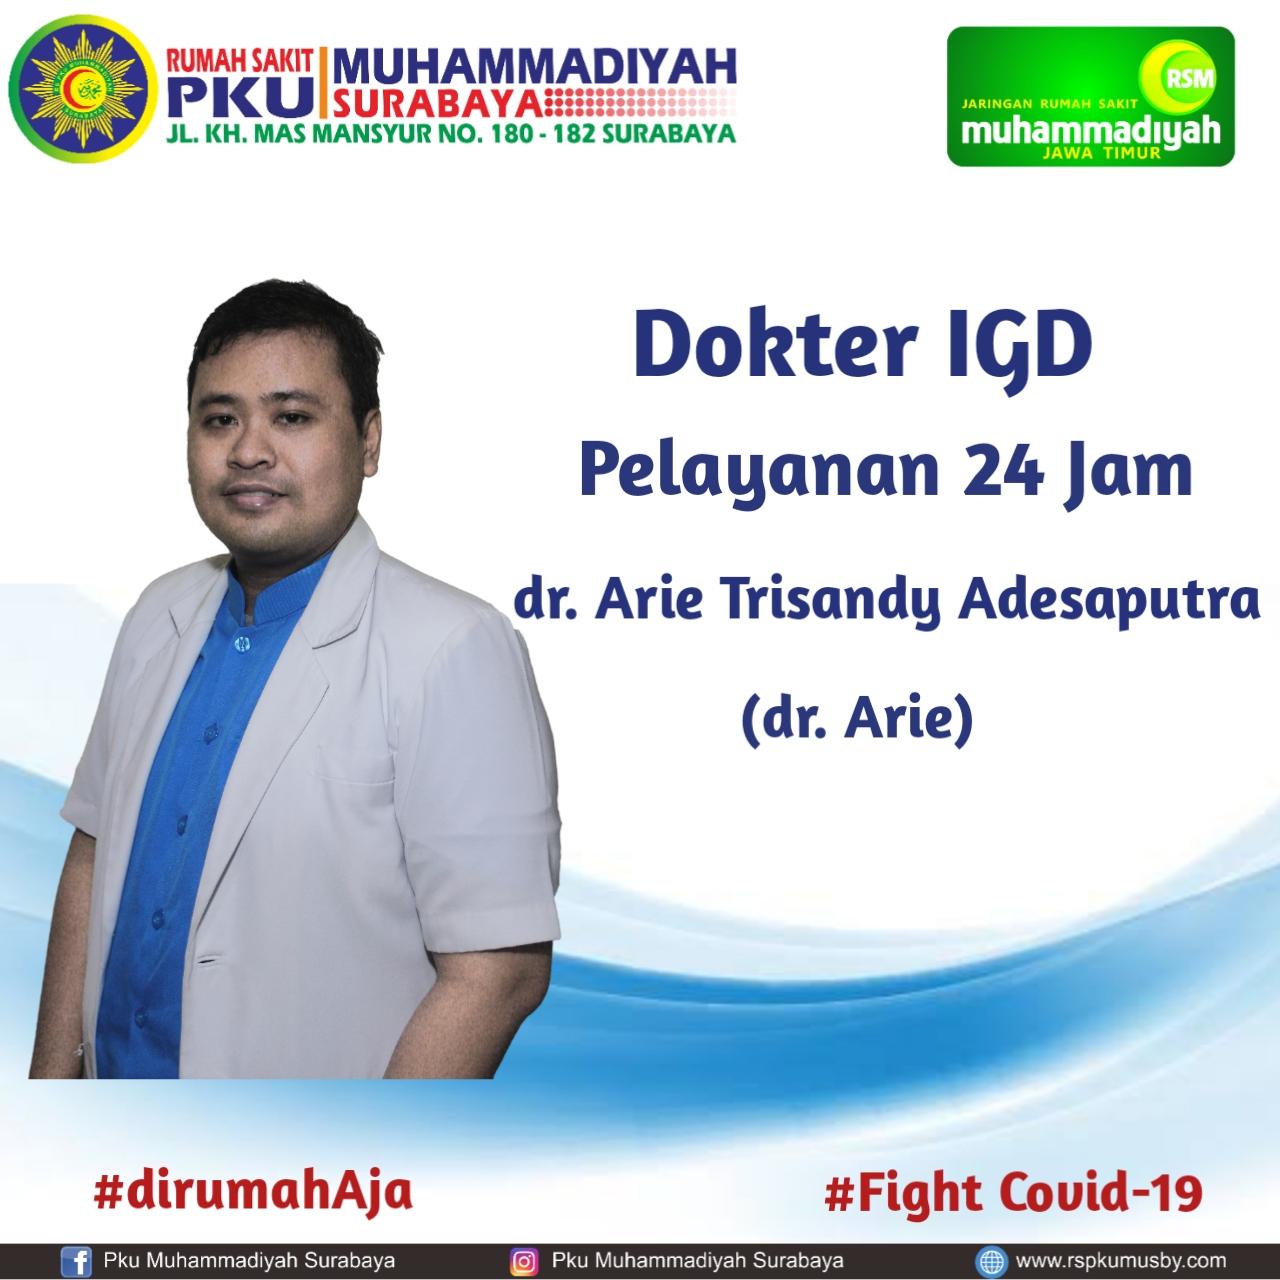 Dokter IGD